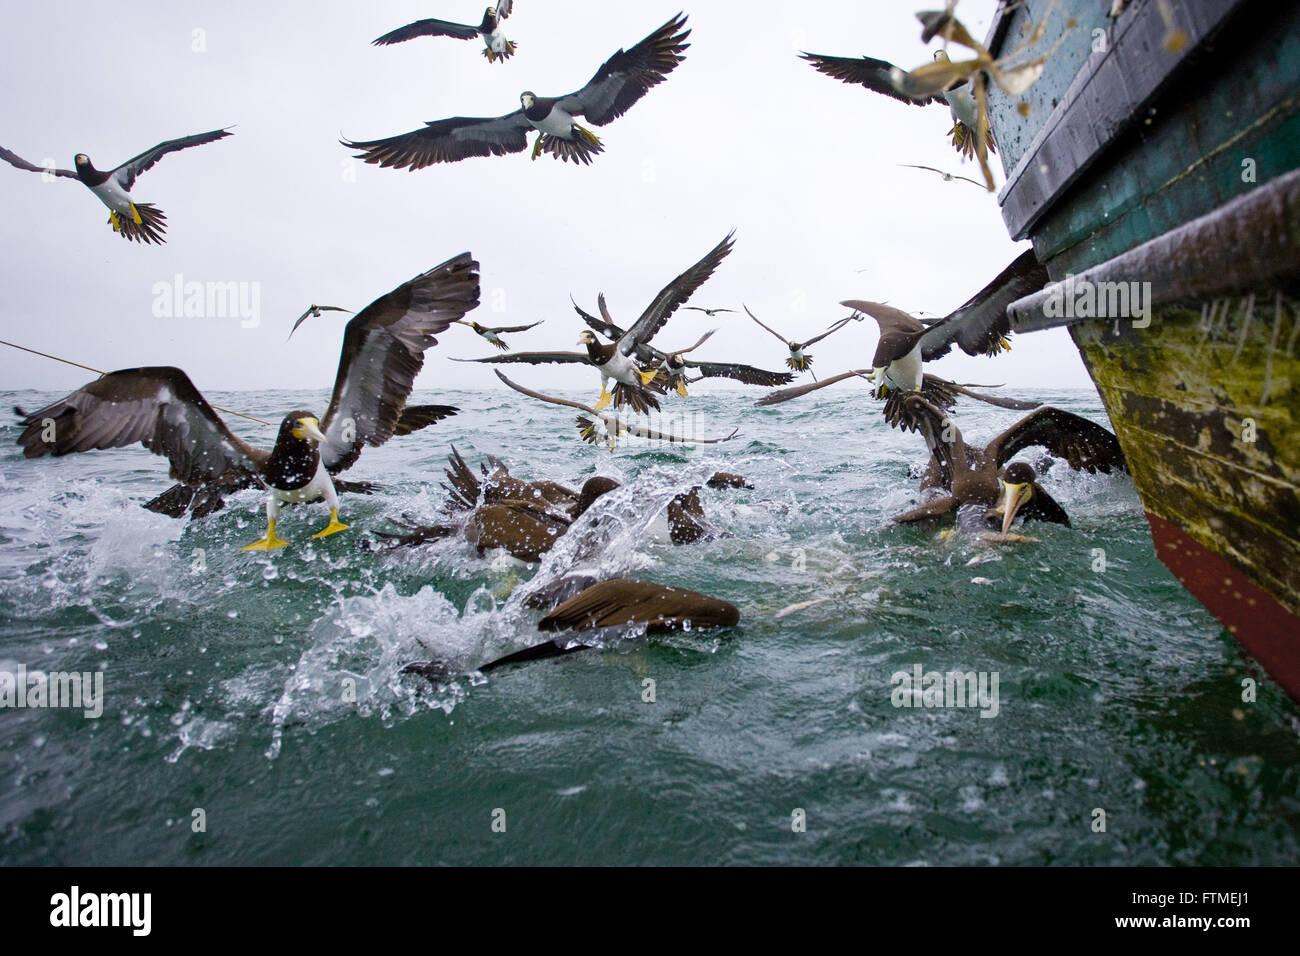 Les oiseaux qui se nourrissent sur des bouts de chalutage de la côte de Santa Catarina Photo Stock